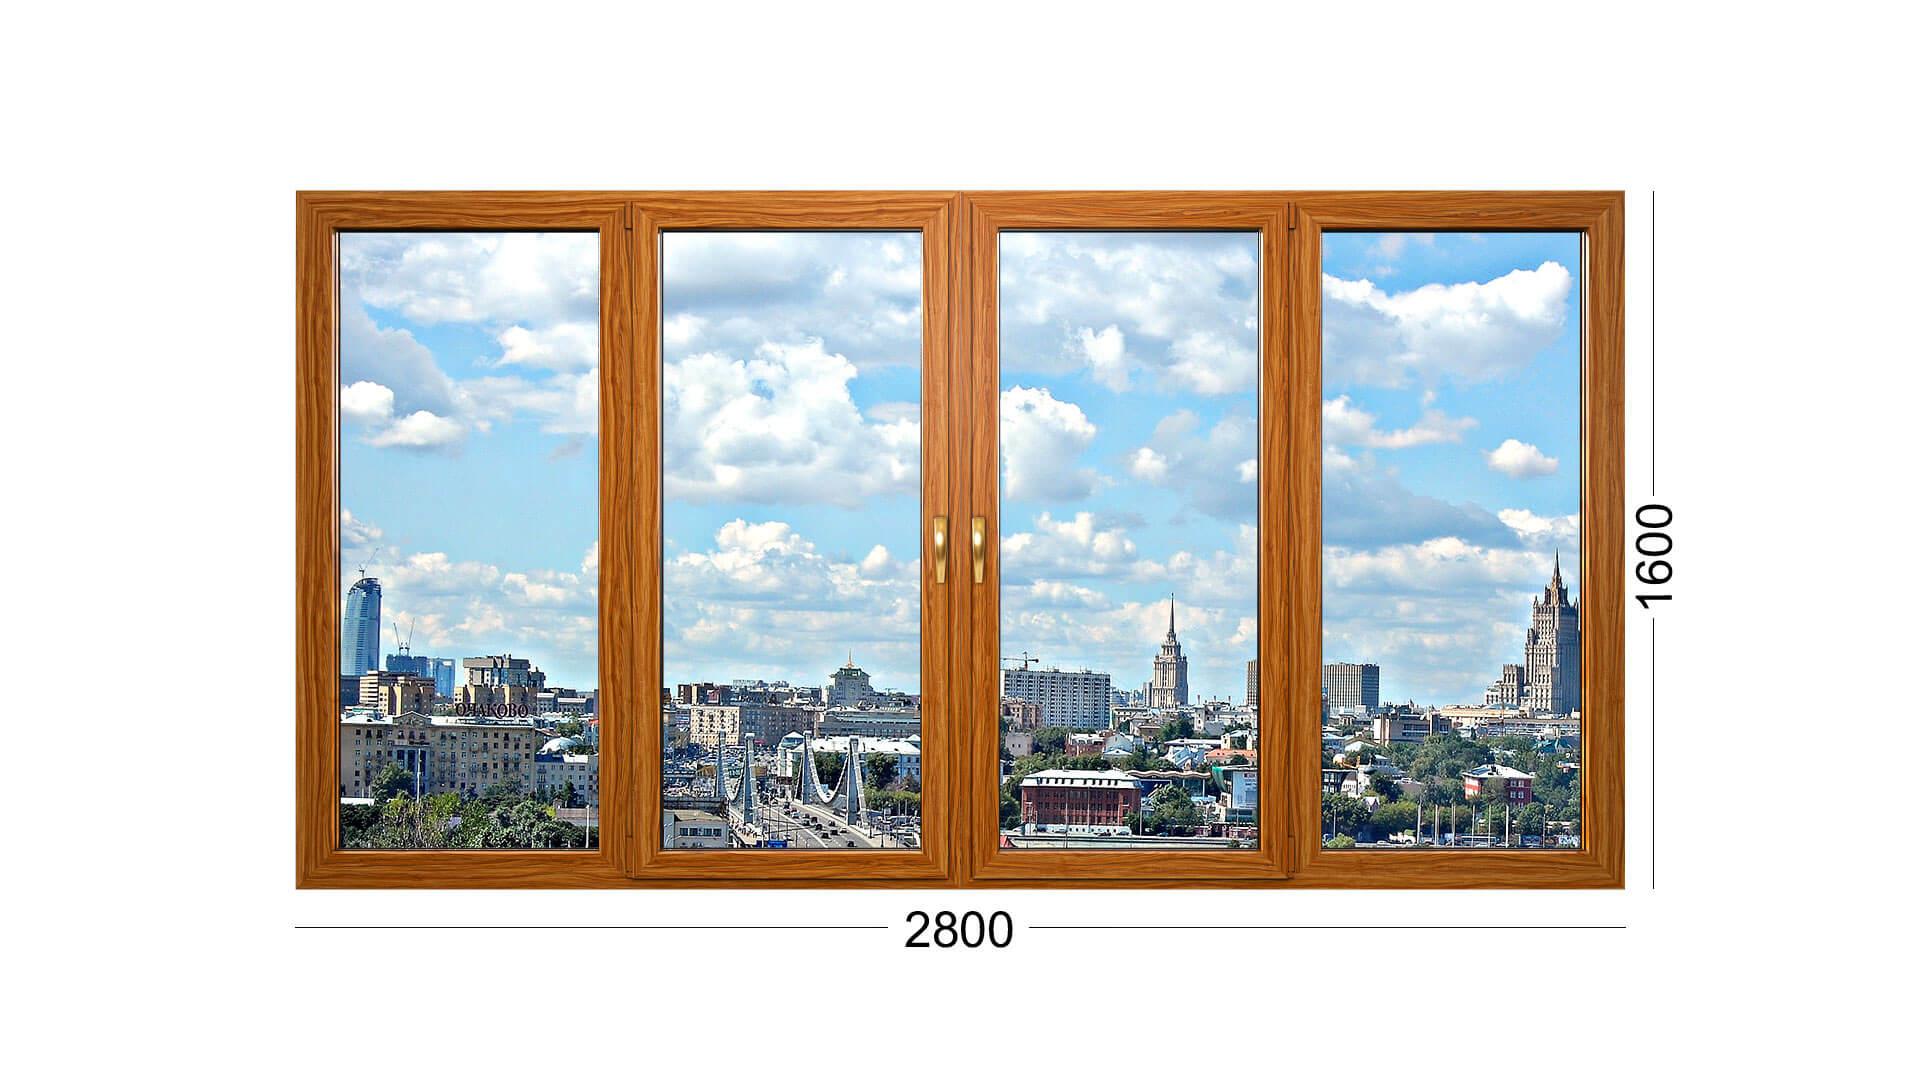 Лоджия из деревянных окон. Для дома серии П-46М. Панельное здание. Многоквартирное. Остекление деревянными рамами